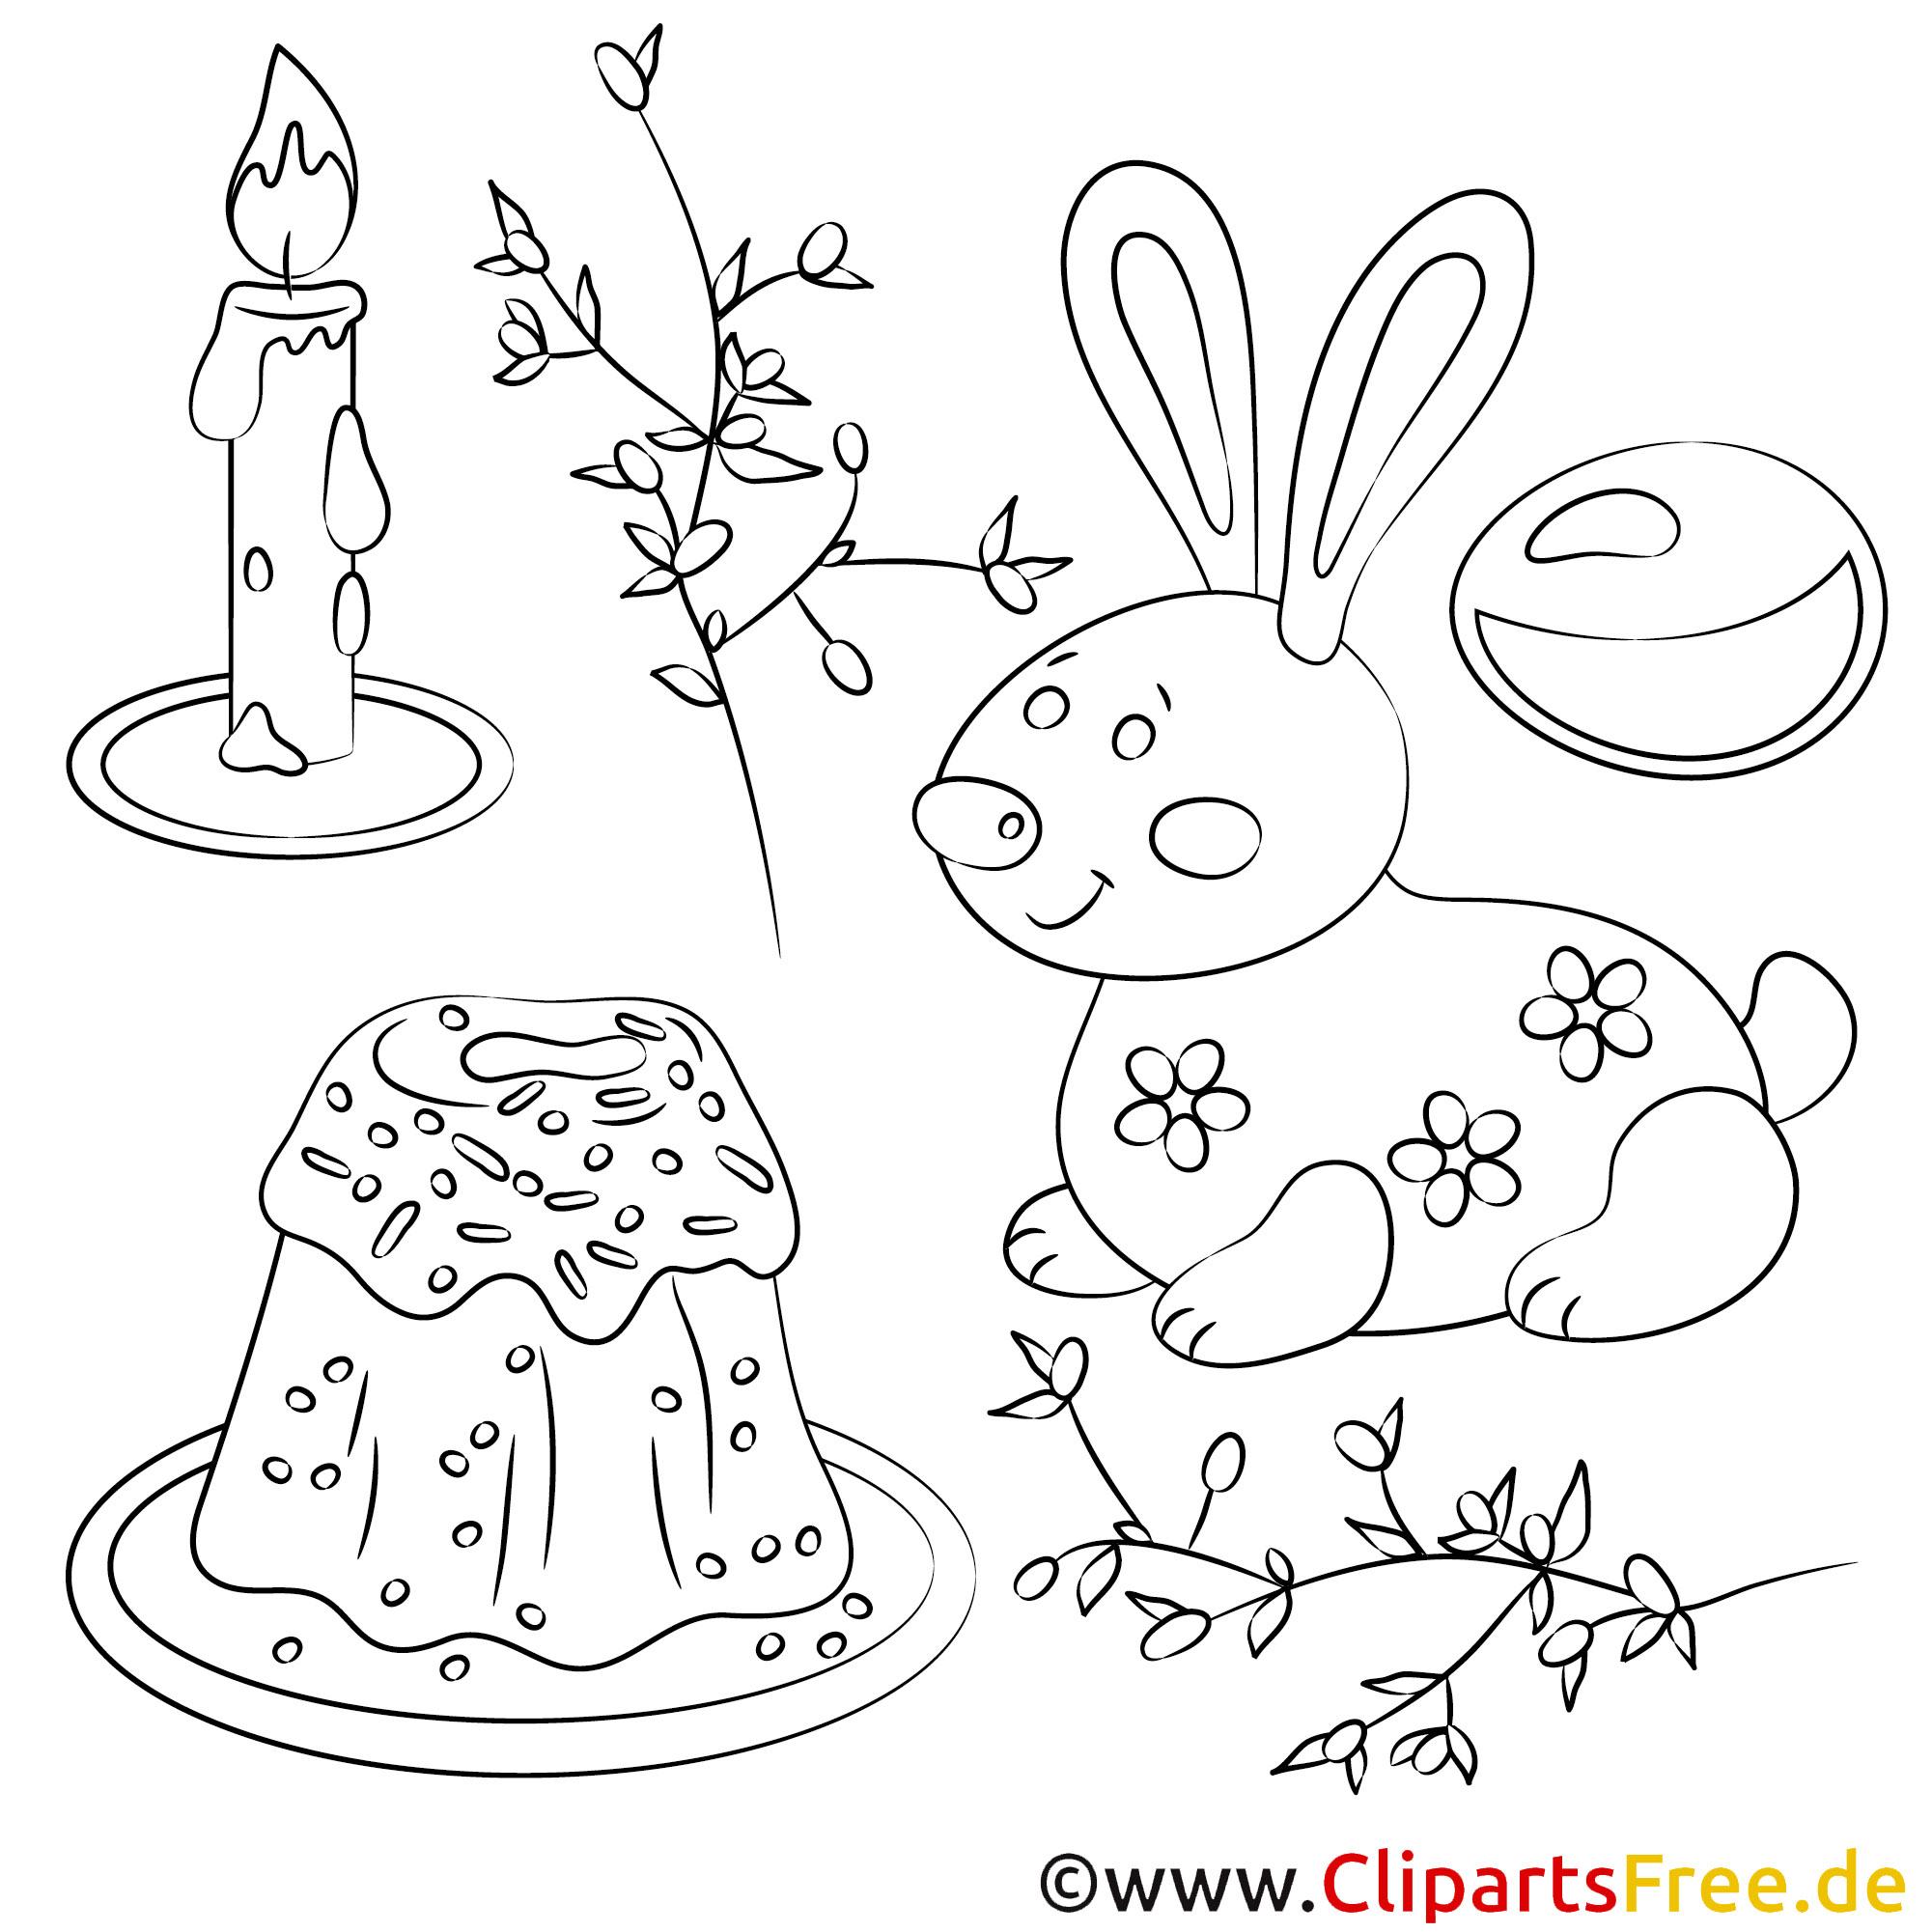 Ausmalbilder von Ostern zum Drucken